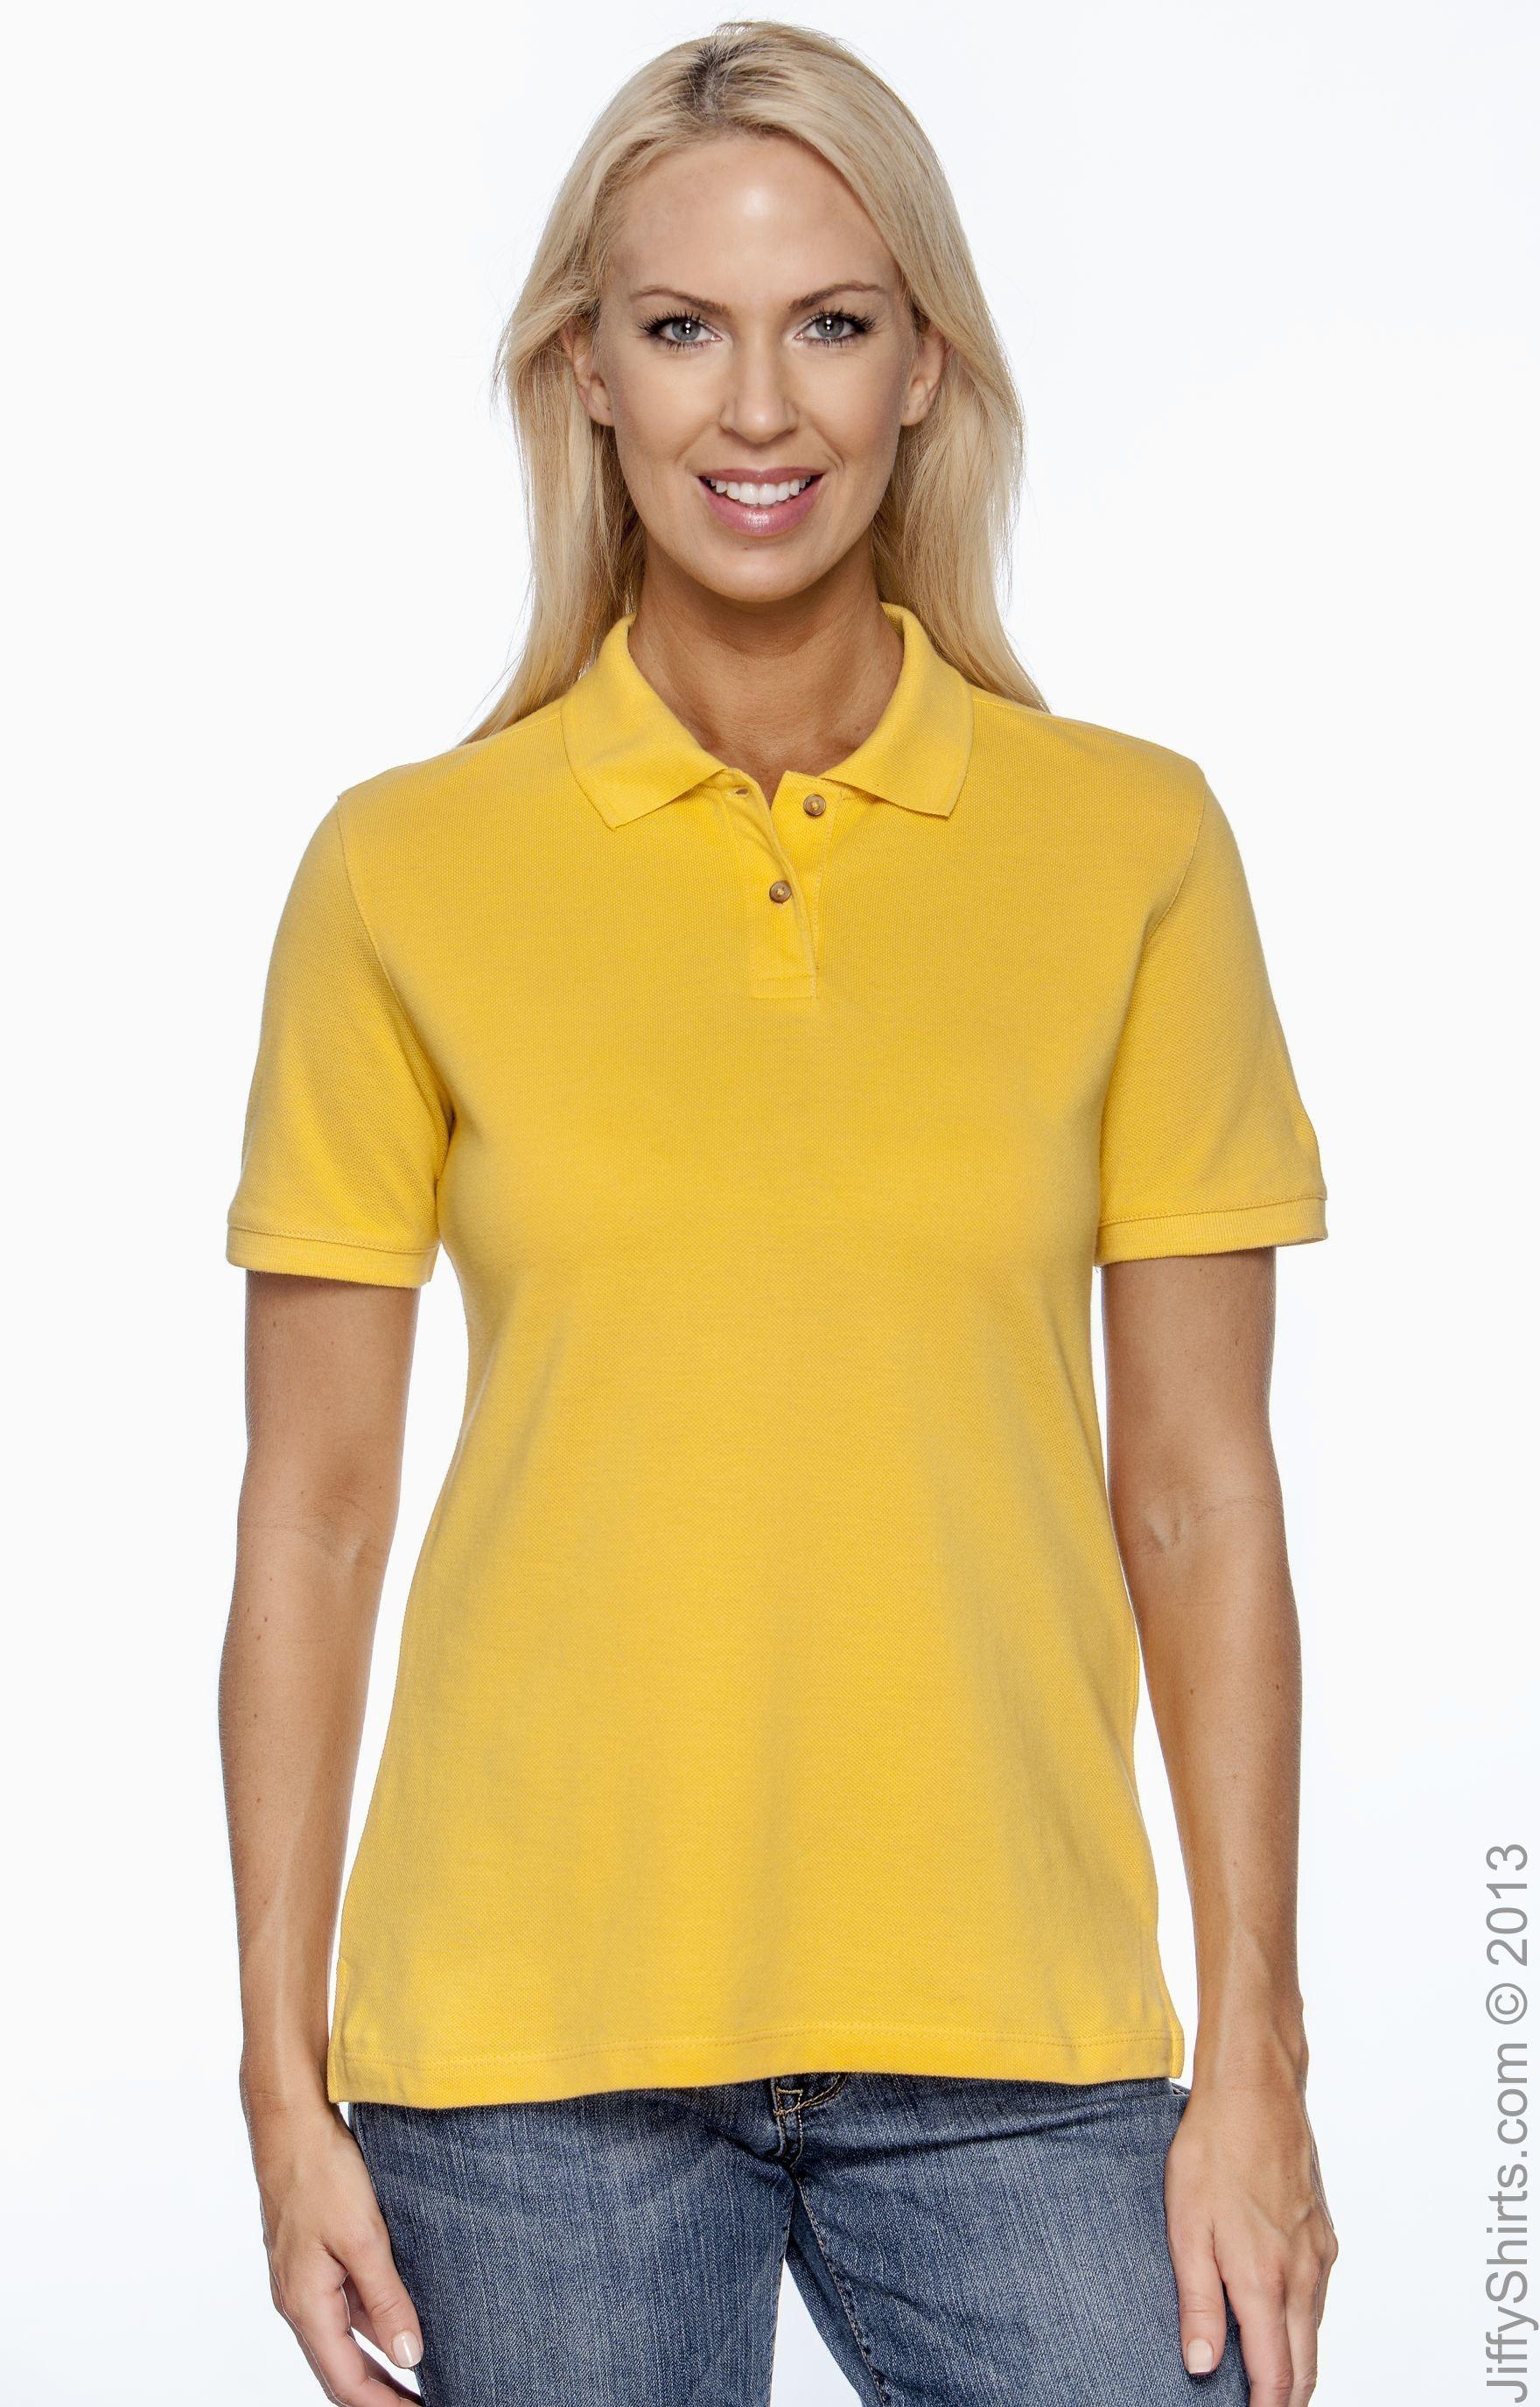 Jiffy shirts coupon code